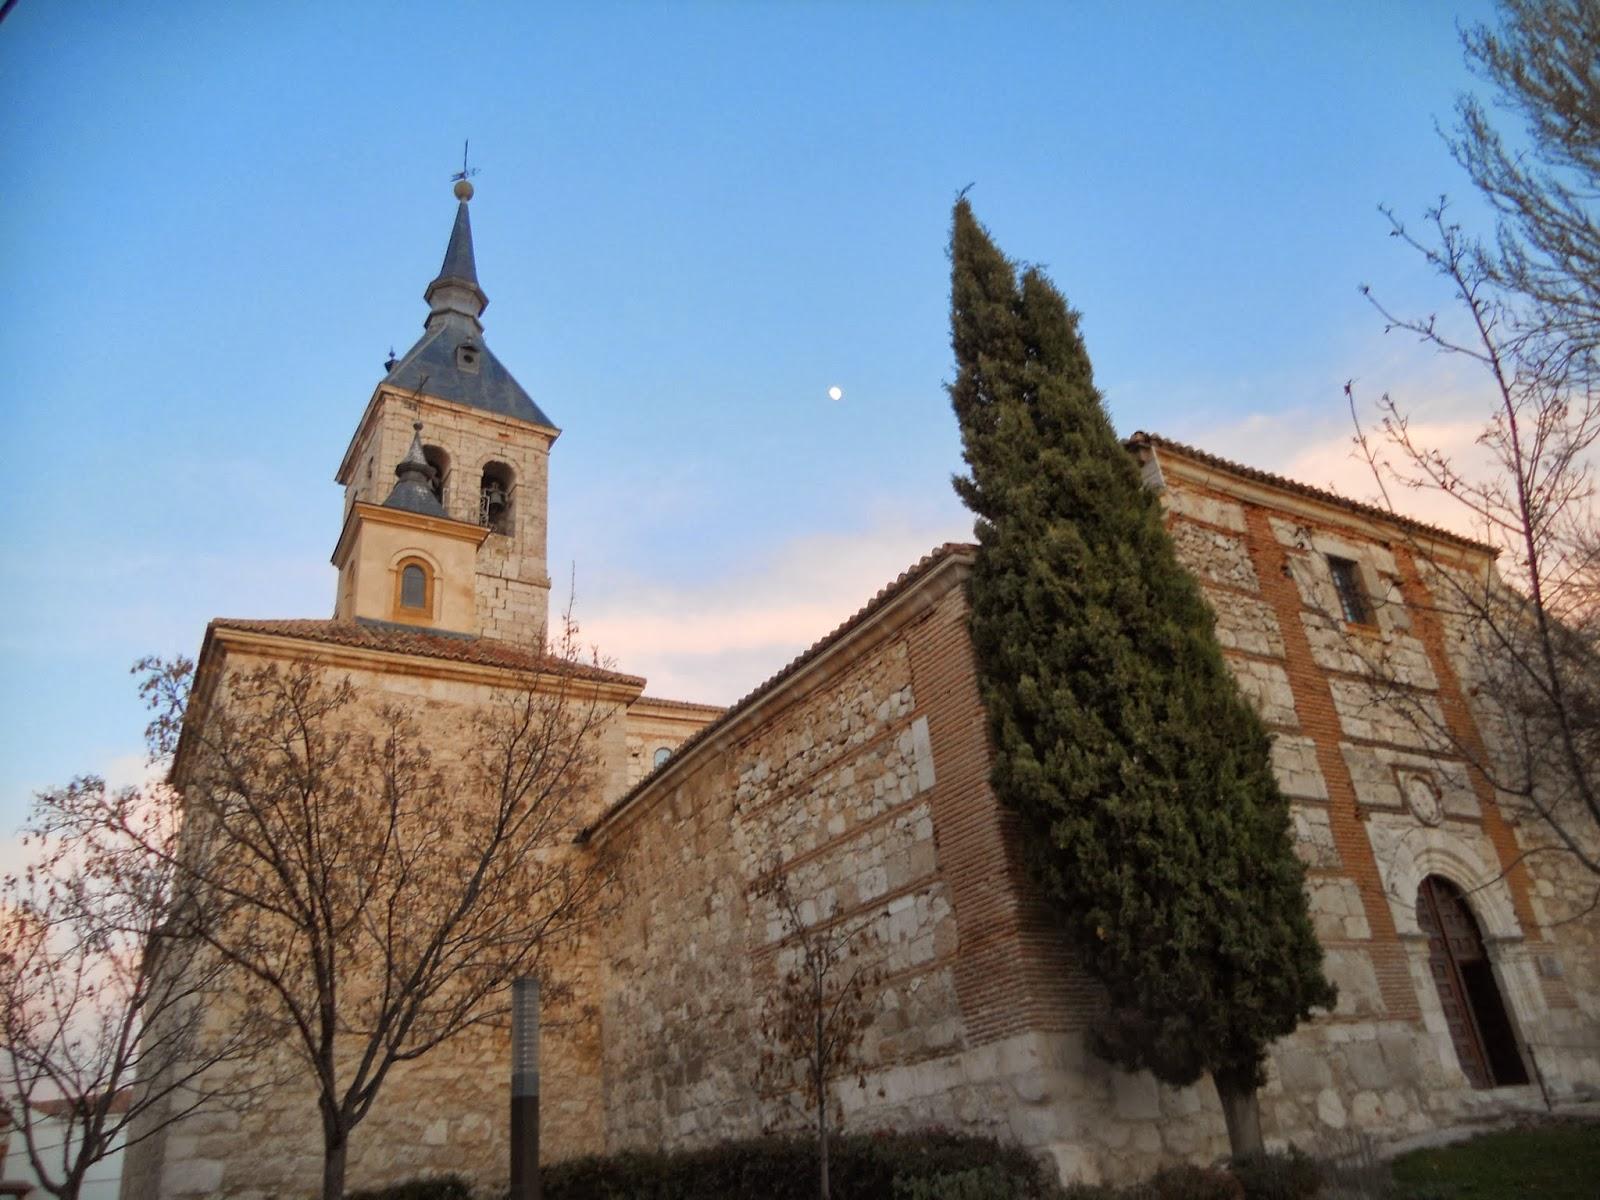 Historia y genealog a torres de la alameda madrid - Piscina torres de la alameda ...